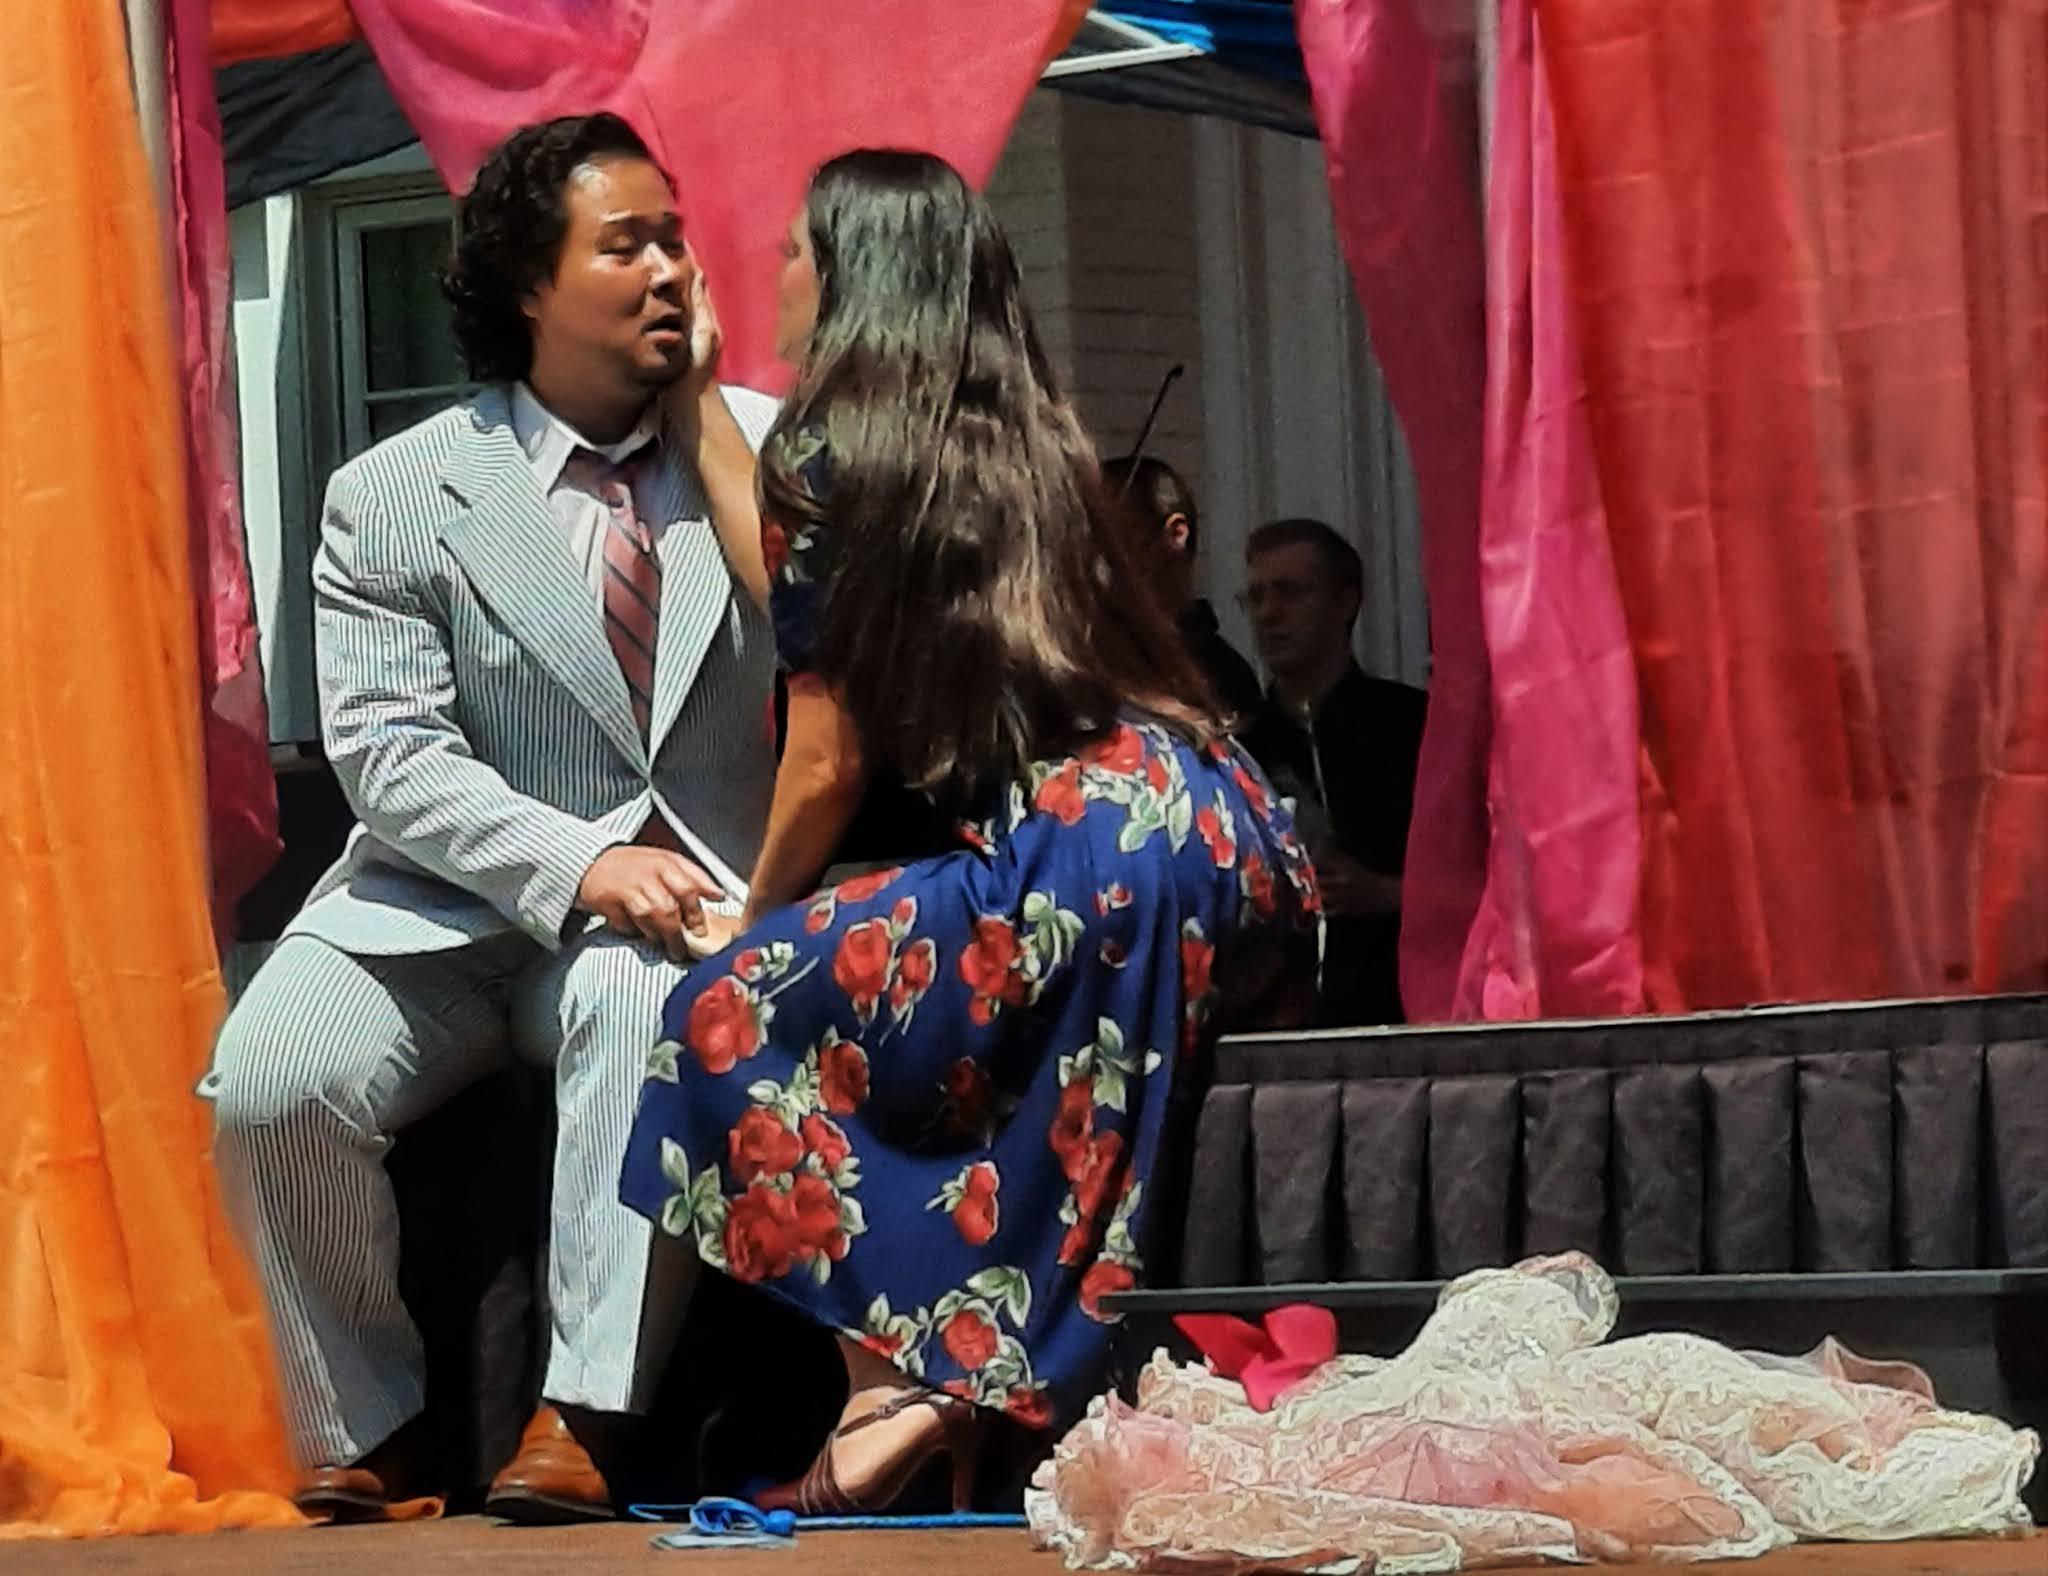 IN REVIEW: baritone SUCHAN KIM as Silvio (left) and soprano CATALINA CUERVO as Nedda (right) in Opera in Williamsburg's production of Ruggero Leoncavallo's PAGLIACCI, 6 June 2021 [Photograph © by Joseph Newsome]